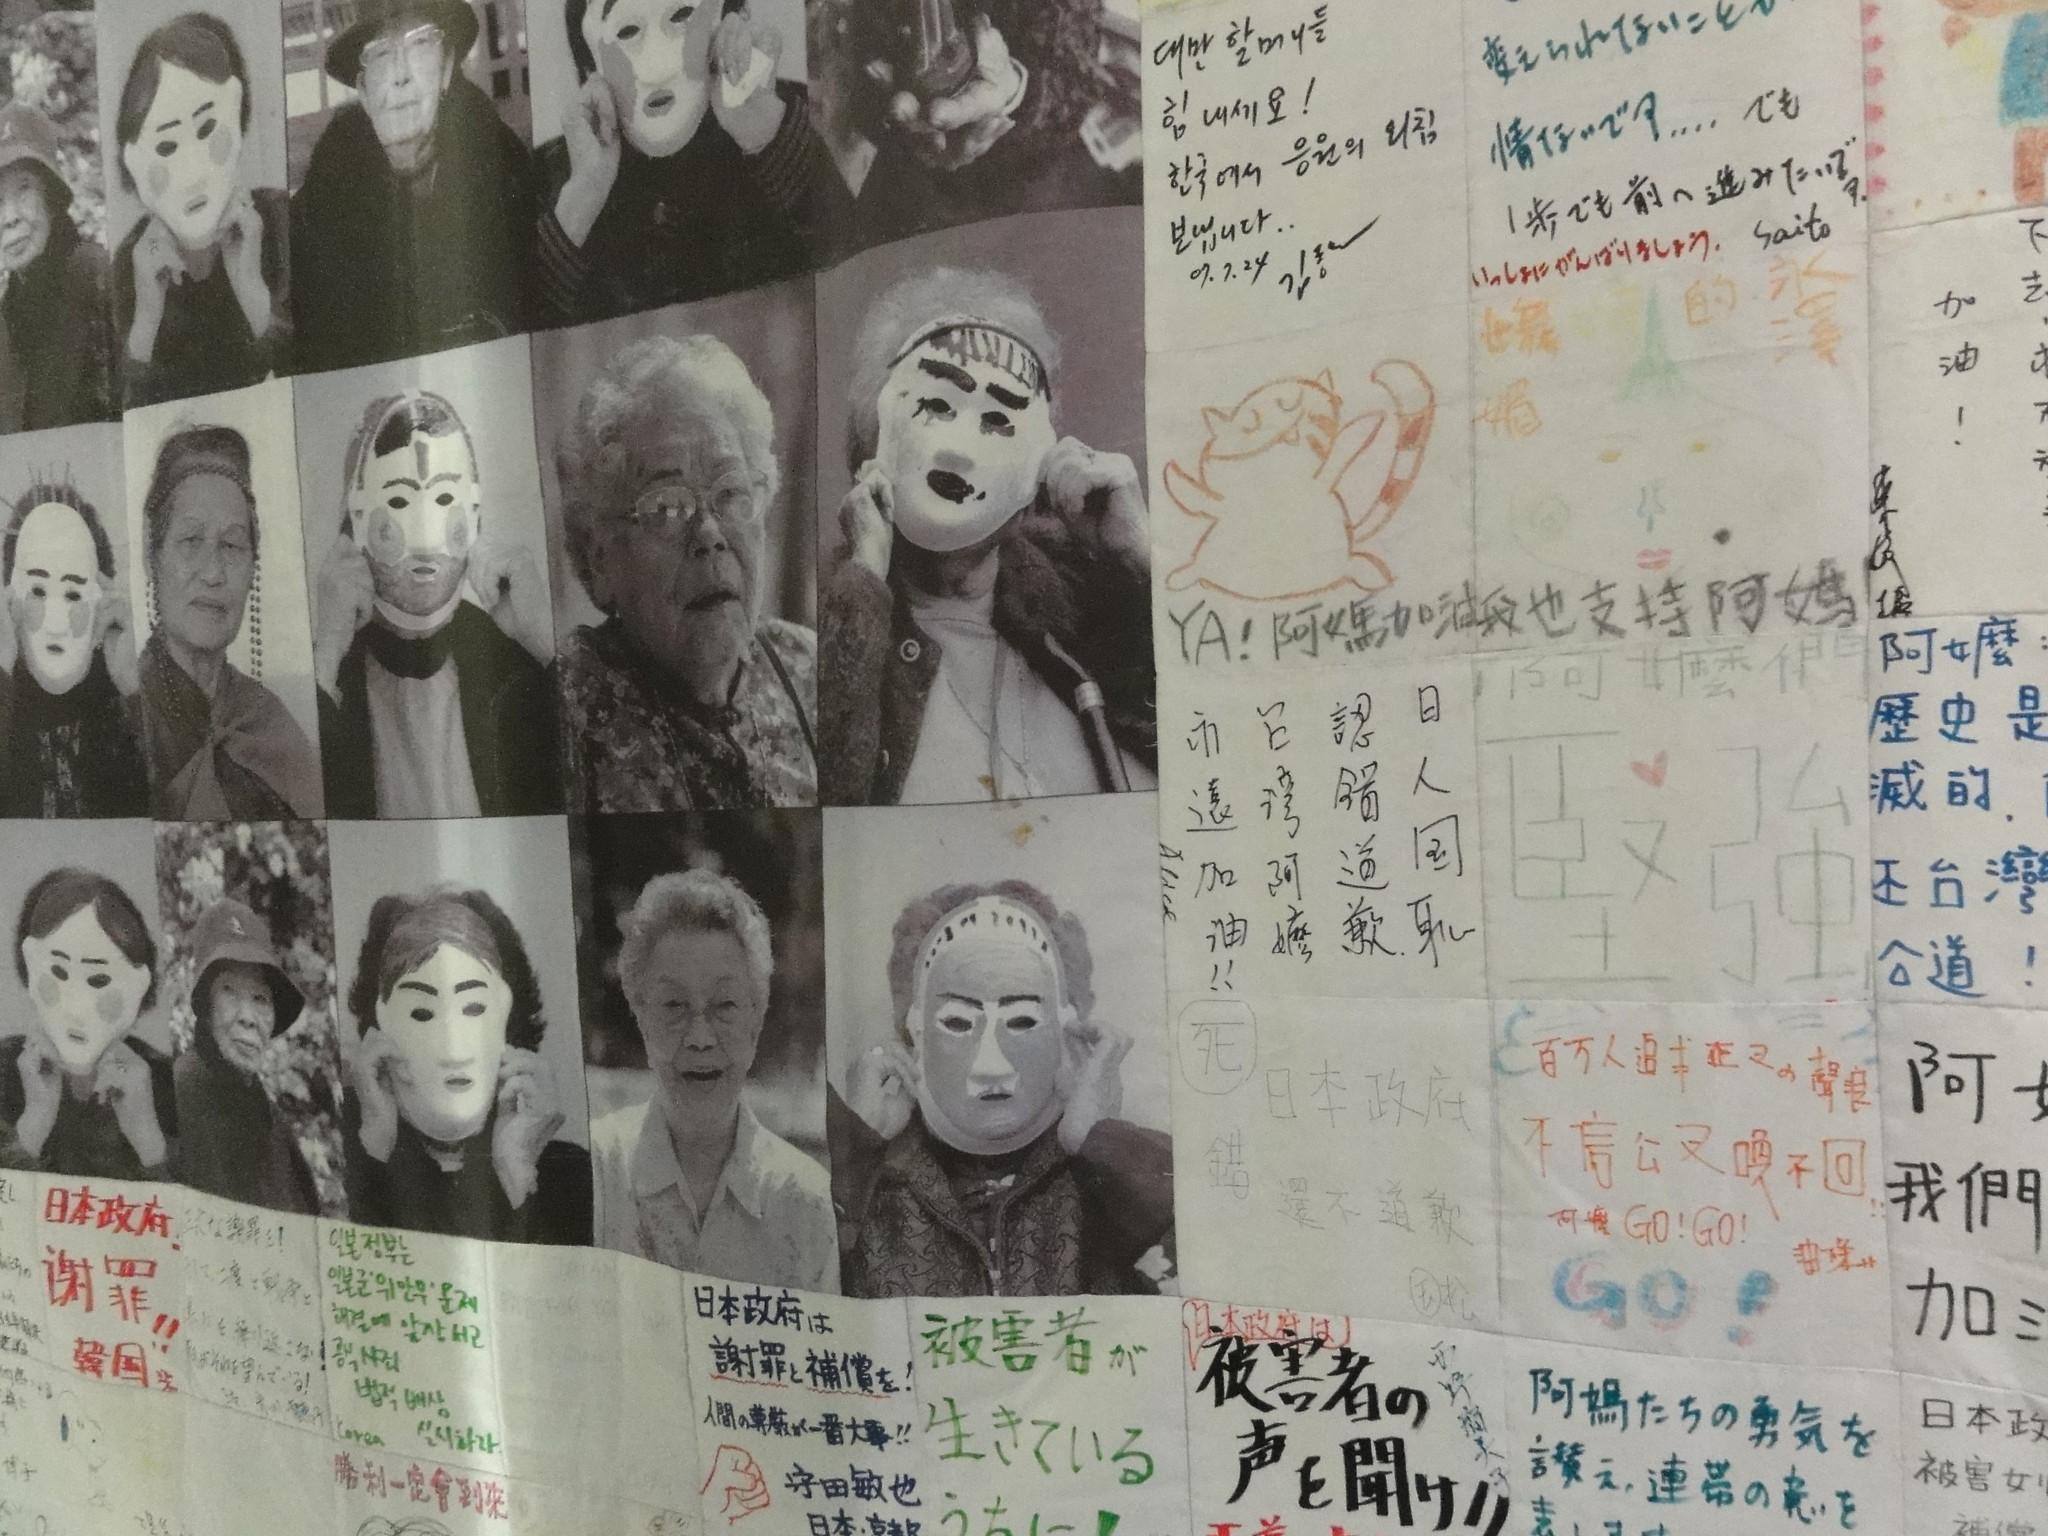 在布幅上,各國民眾寫滿了支持阿嬤和要求日本政府道歉賠償的留言。(攝影:張智琦)